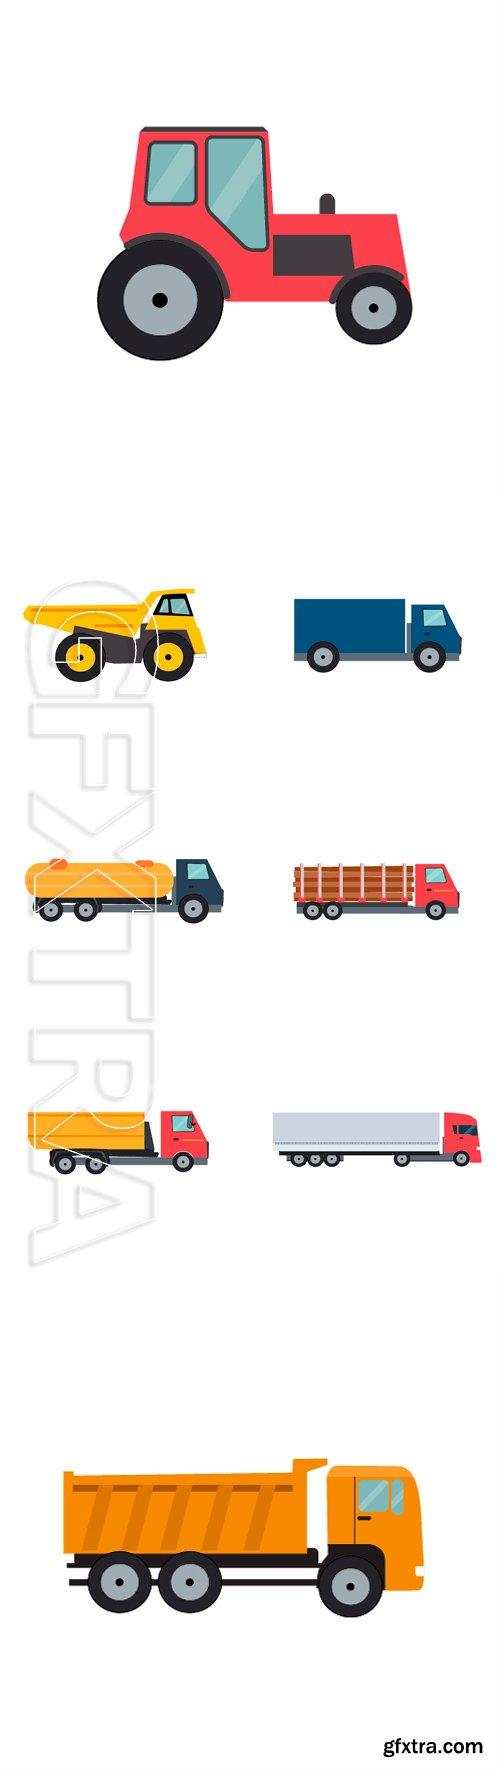 Stock Vectors - Flat Truck Vector Illustration